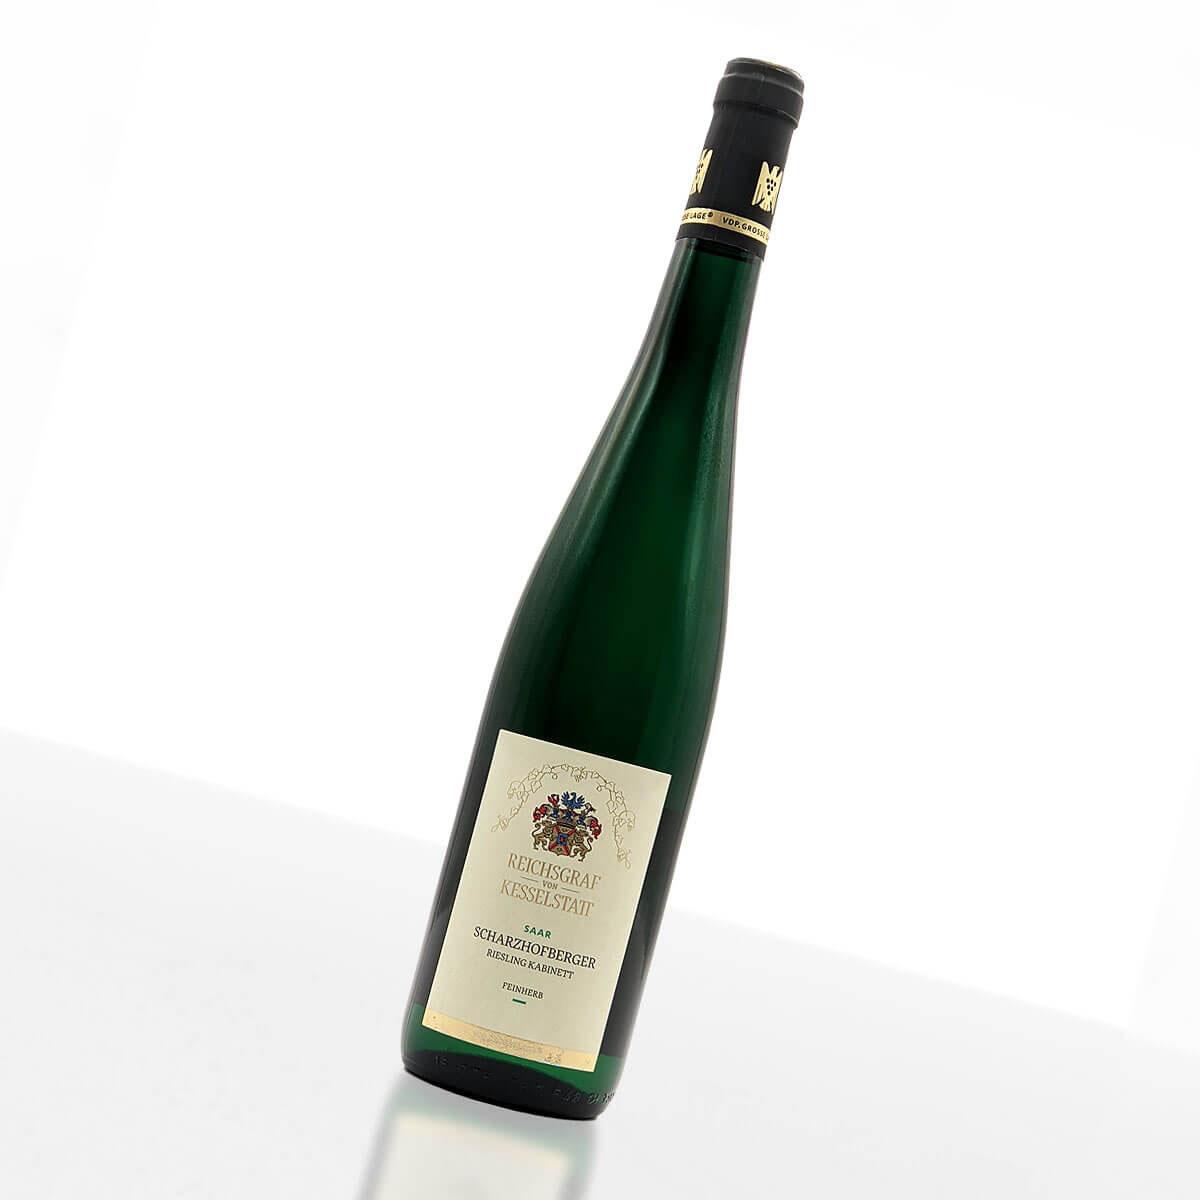 2019er Scharzhofberger Riesling Kabinett • Weingut Reichsgraf von Kesselstatt